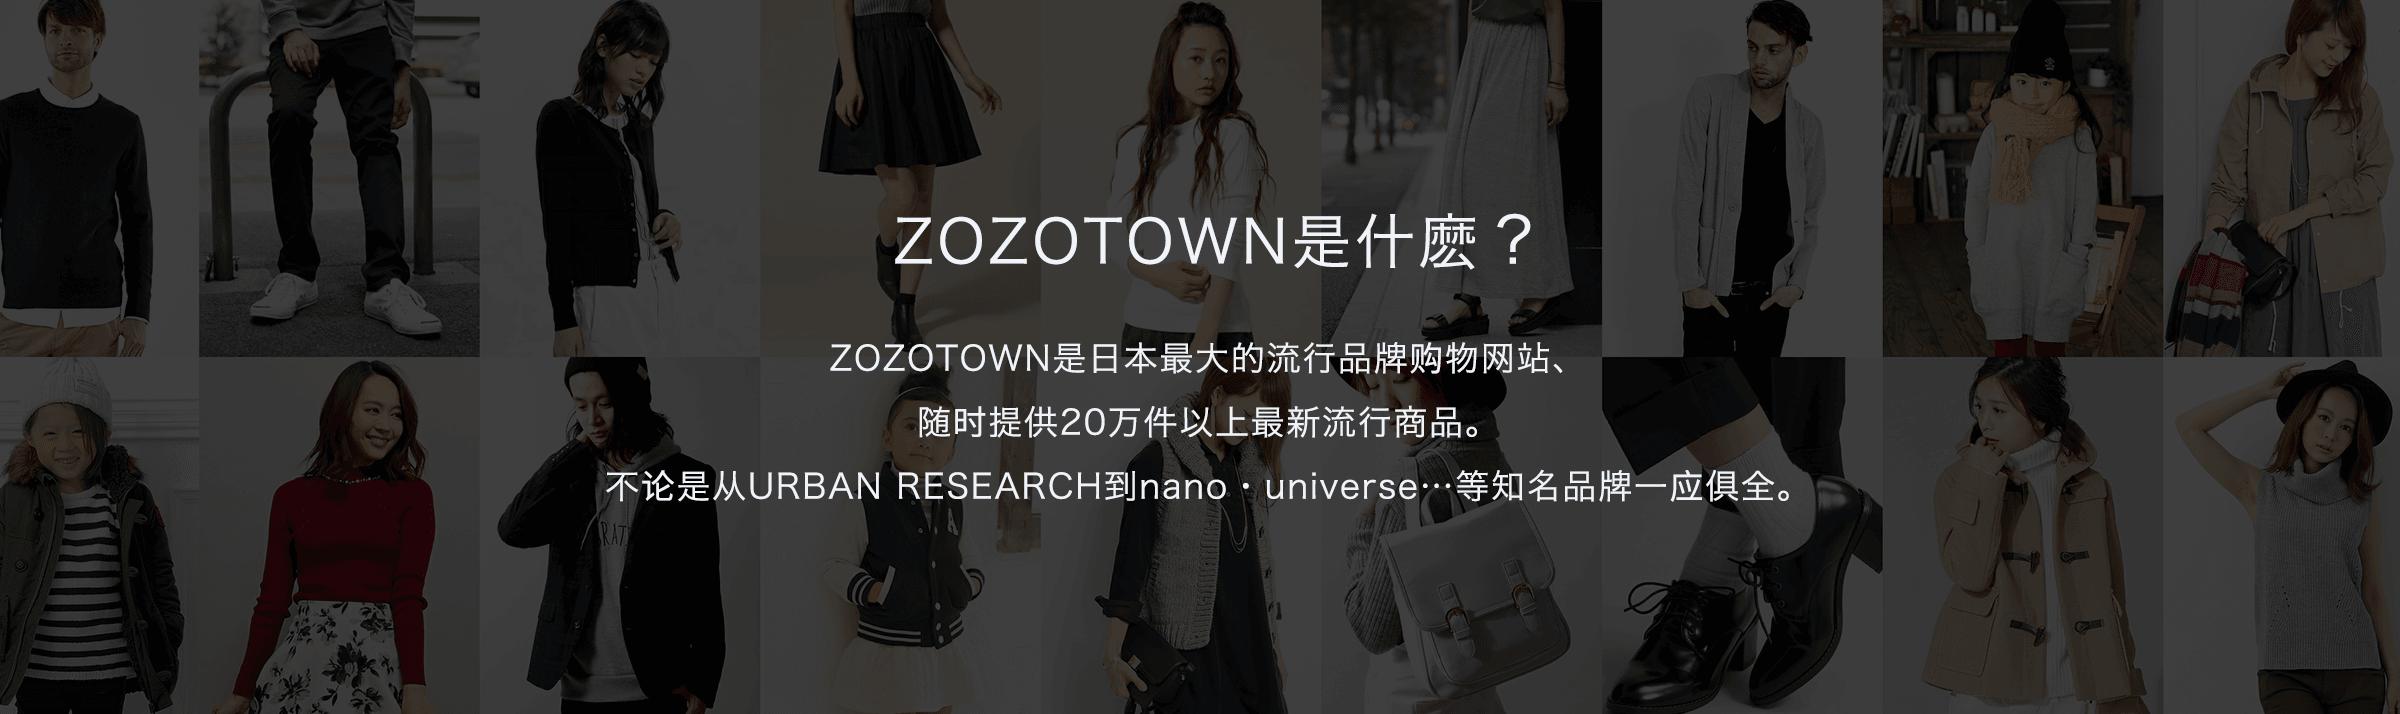 ZOZOTOWN是日本最大的流行品牌购物网站、随时提供20万件以上最新流行商品。不论是从URBAN RESEARCH到nano・universe…等知名品牌一应俱全。